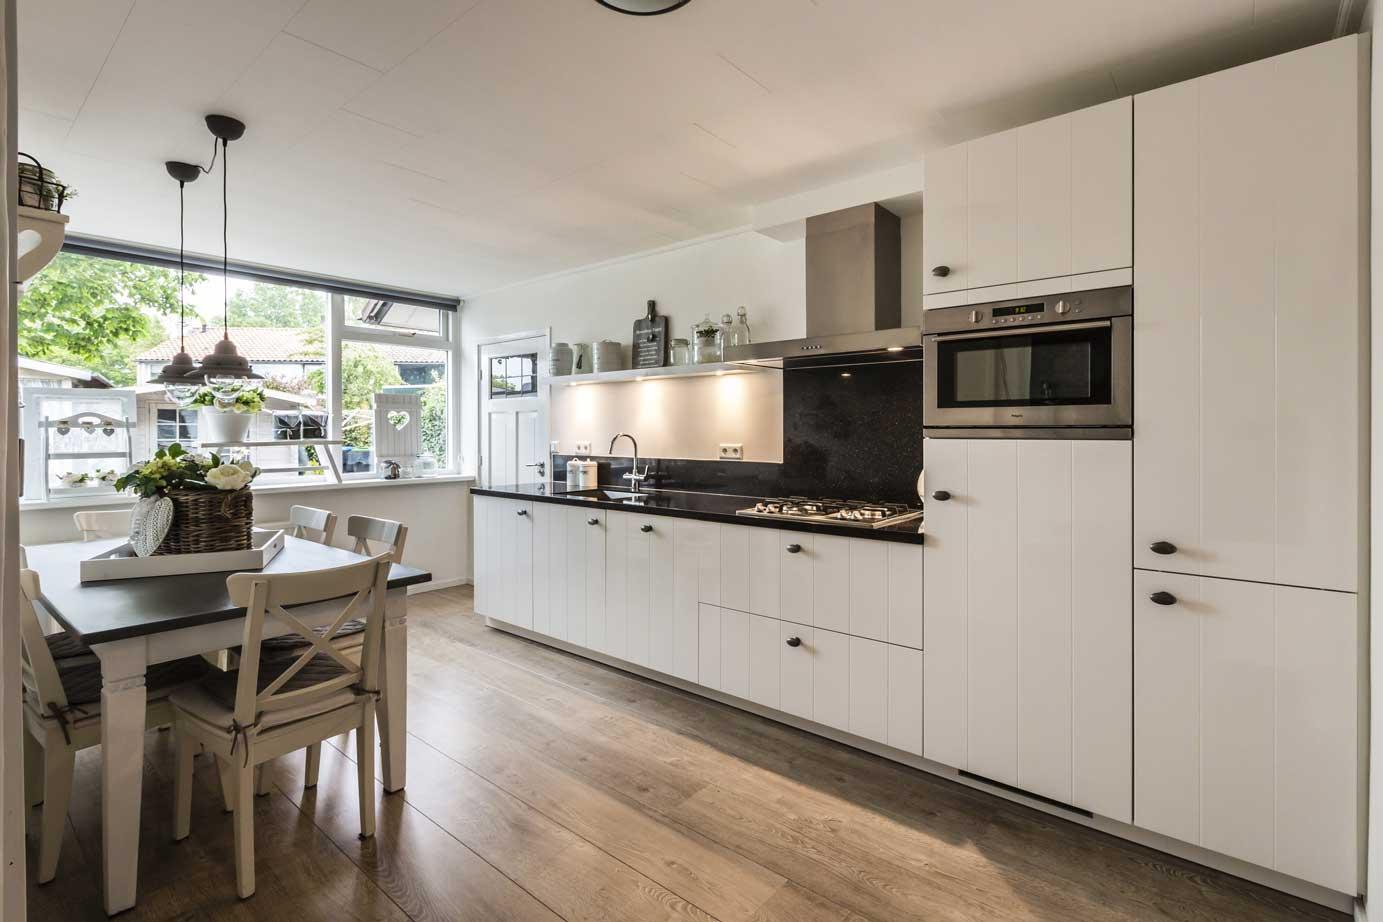 Keuken Ontwerpen Tips : Meer licht. Meer licht en ruimte in de keuken? Lees tips! – DB Keukens